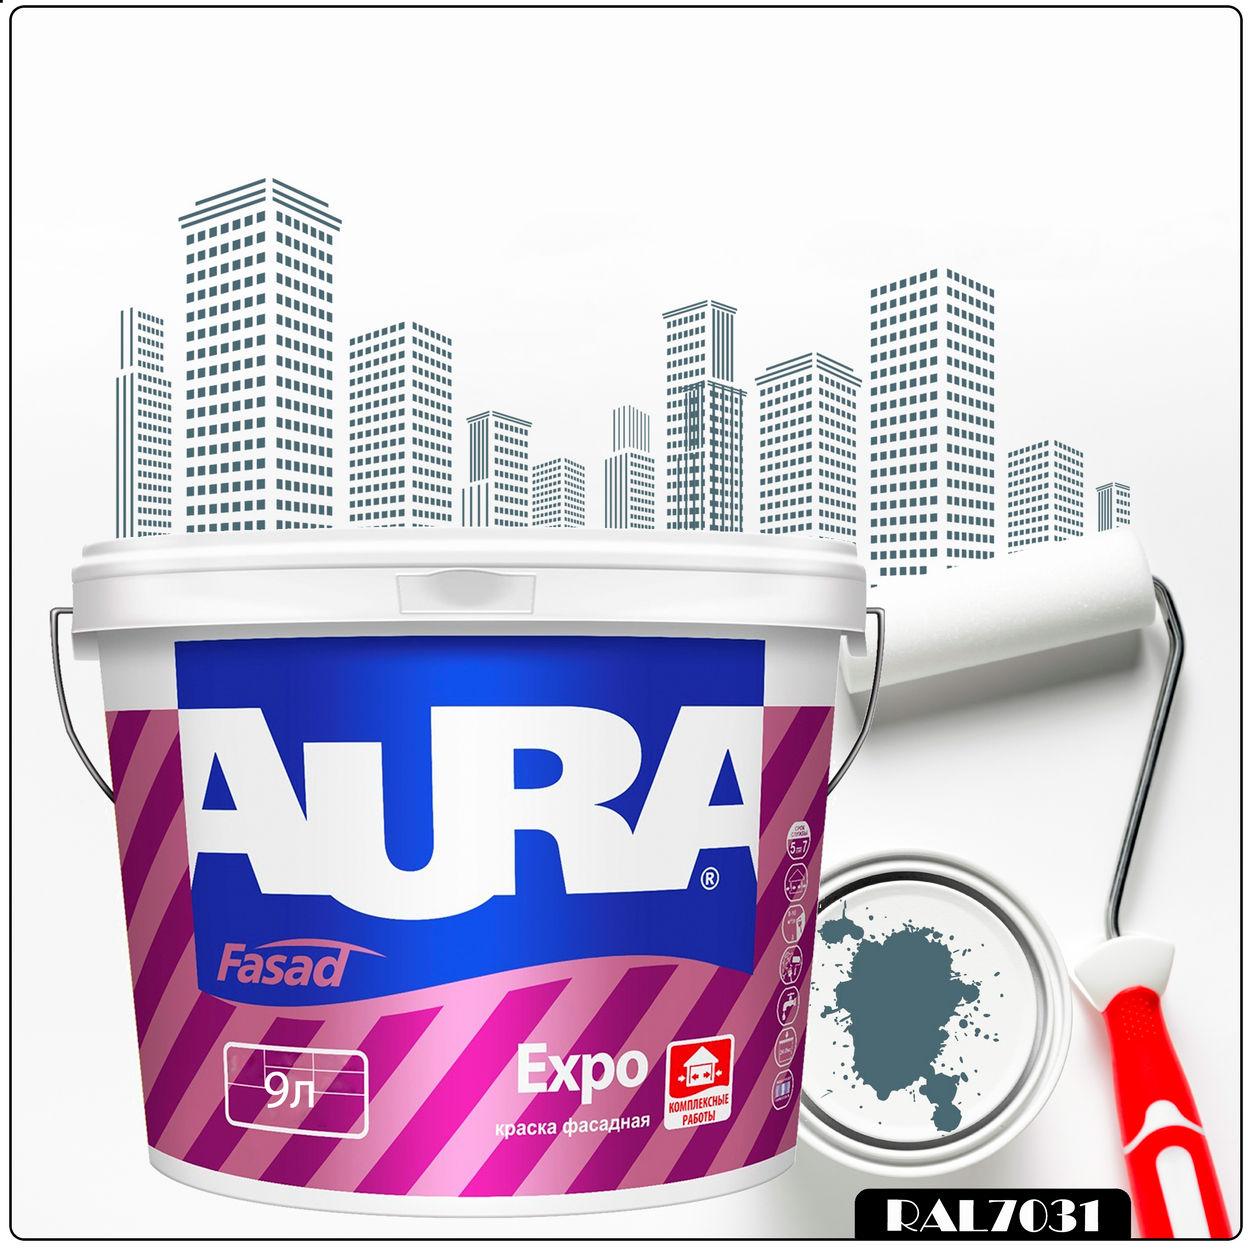 Фото 22 - Краска Aura Fasad Expo, RAL 7031 Сине-серый, матовая, для фасадов и помещений с повышенной влажностью, 9л.